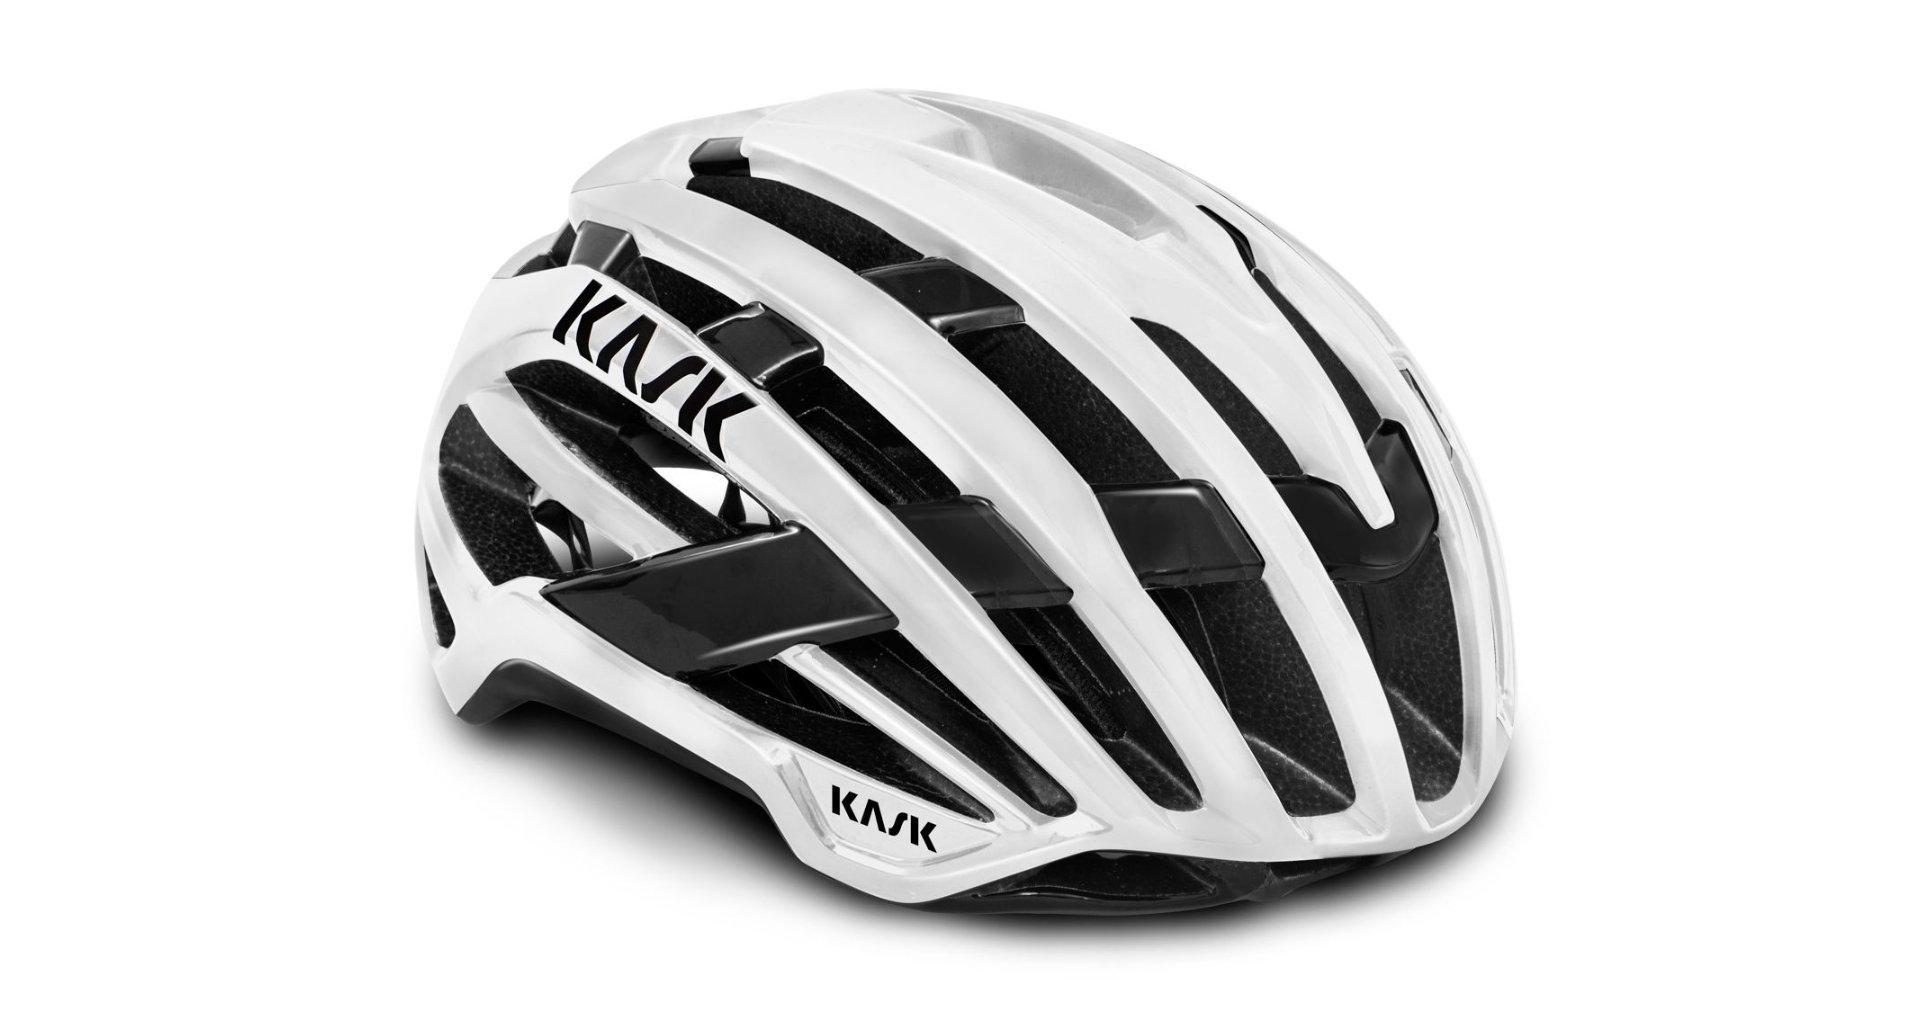 Kask Valegro Helmet, Small, White